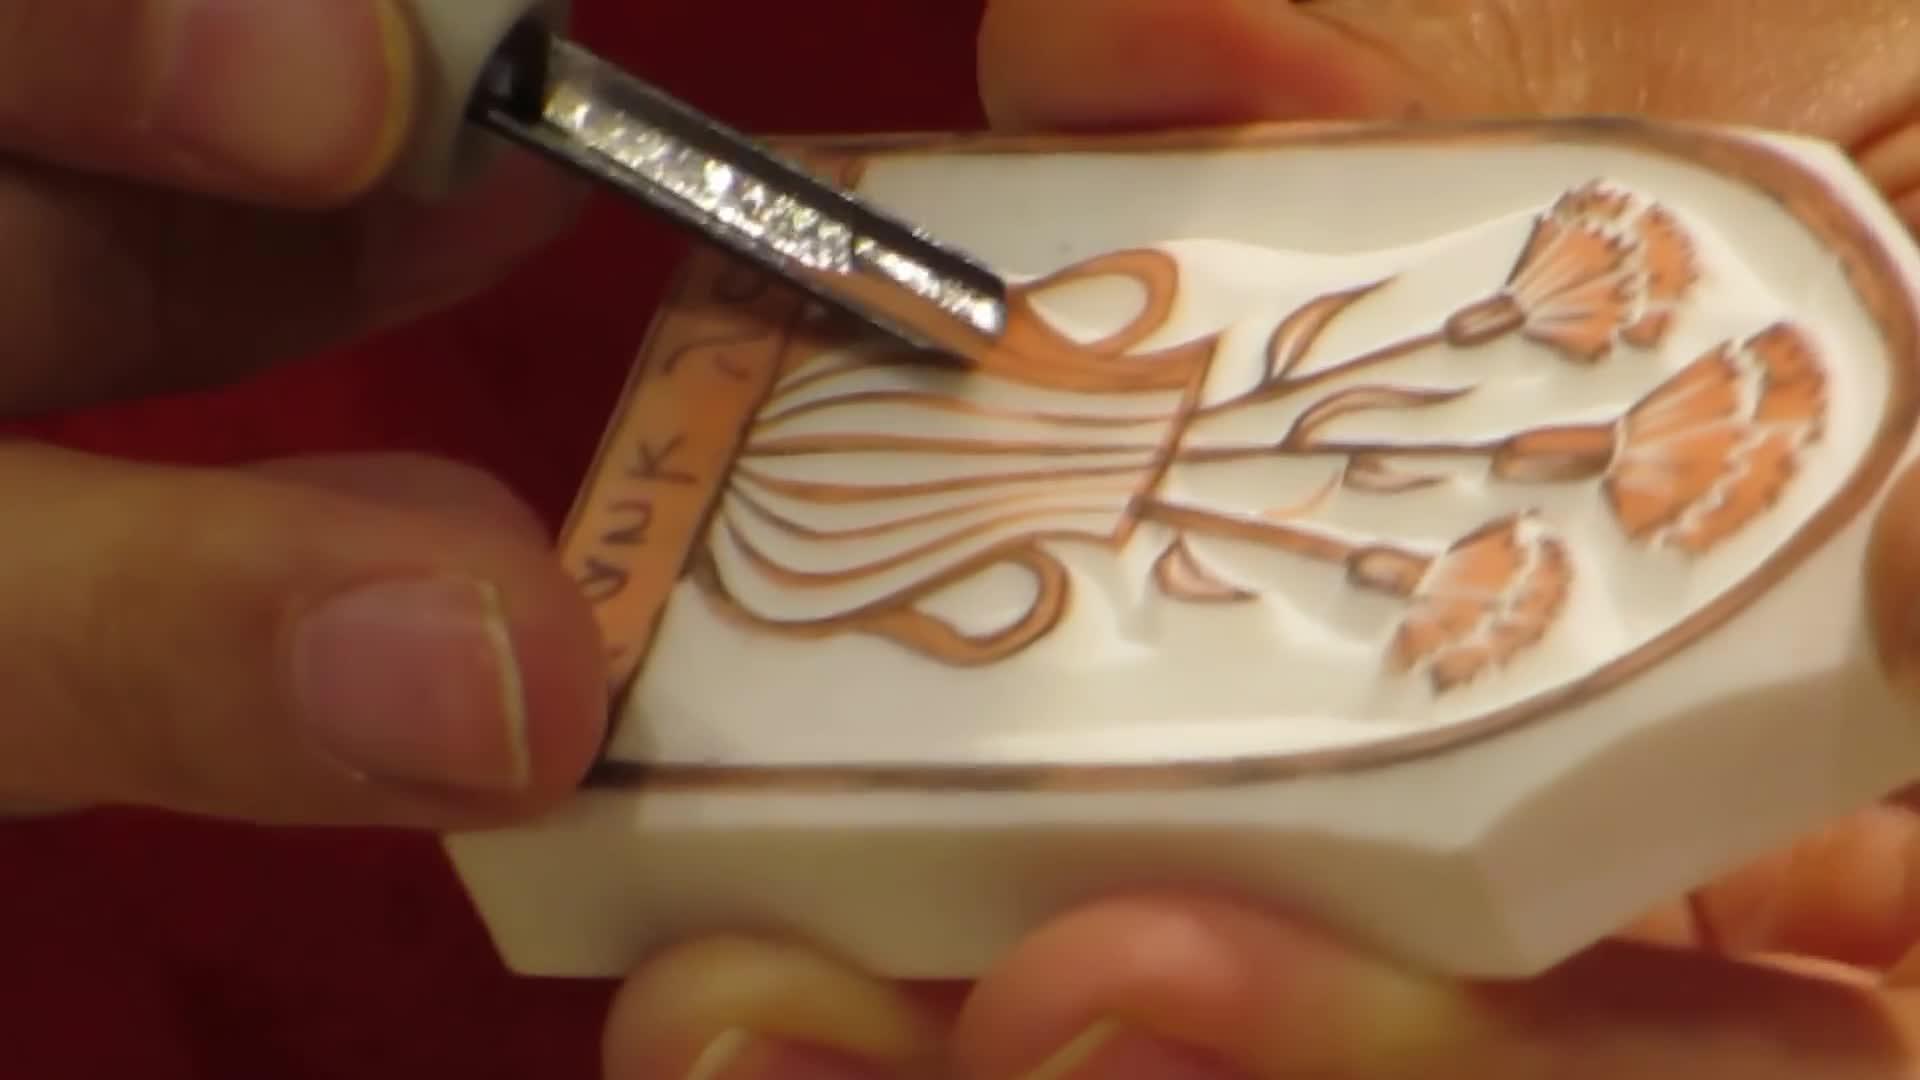 津久井智子(Tomoko Tsukui):橡皮章雕刻创作过程